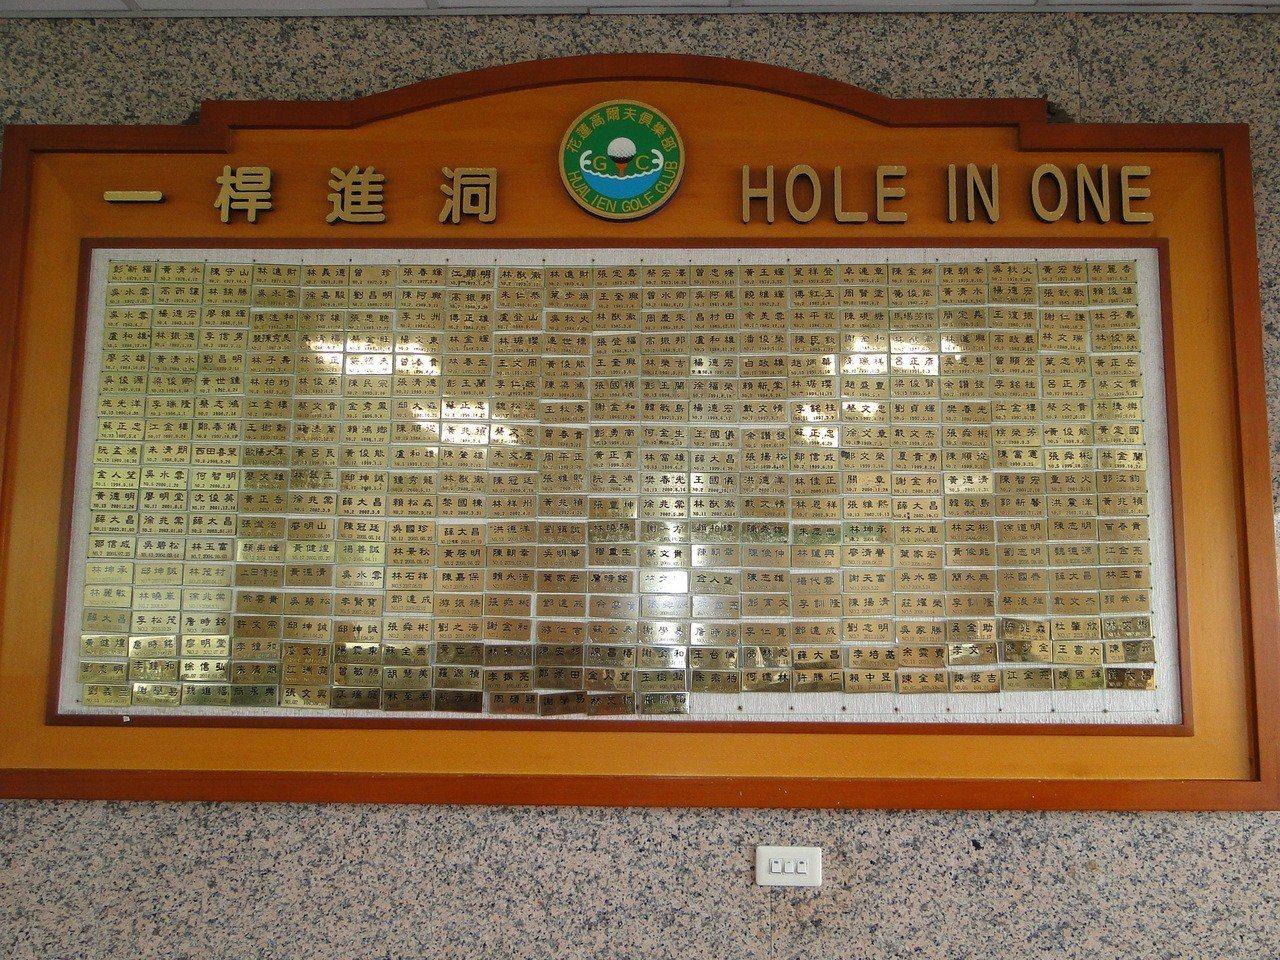 花蓮高爾夫球場川堂設有「一桿進洞」英雄榜。 圖/聯合報系資料照片